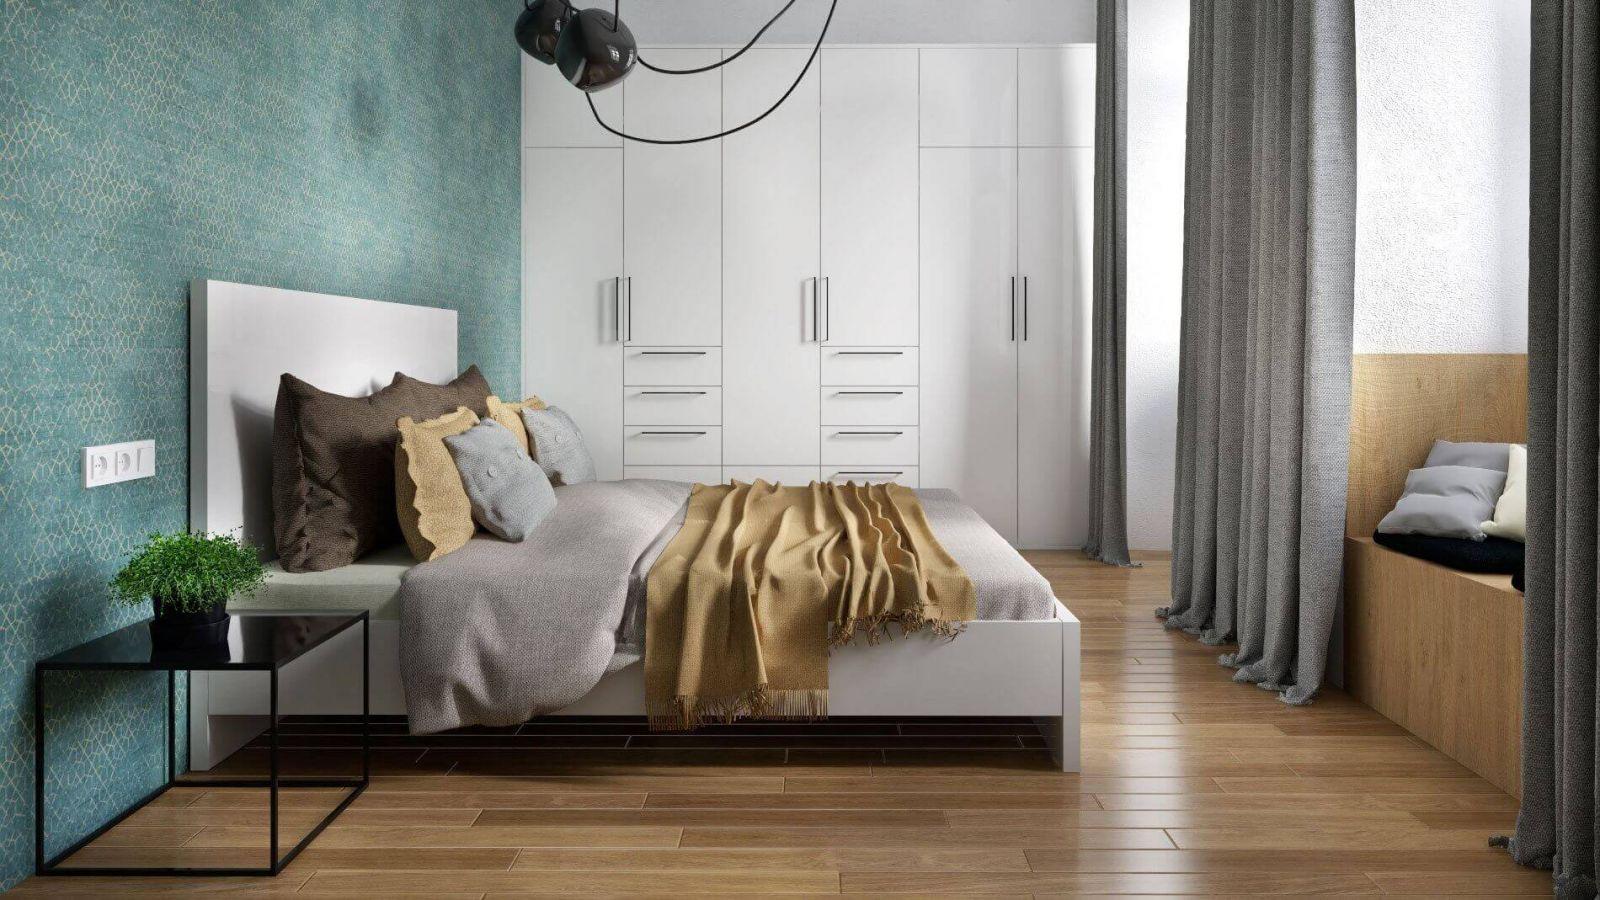 Trọn Bộ Phòng Ngủ Đẹp Giá Rẻ